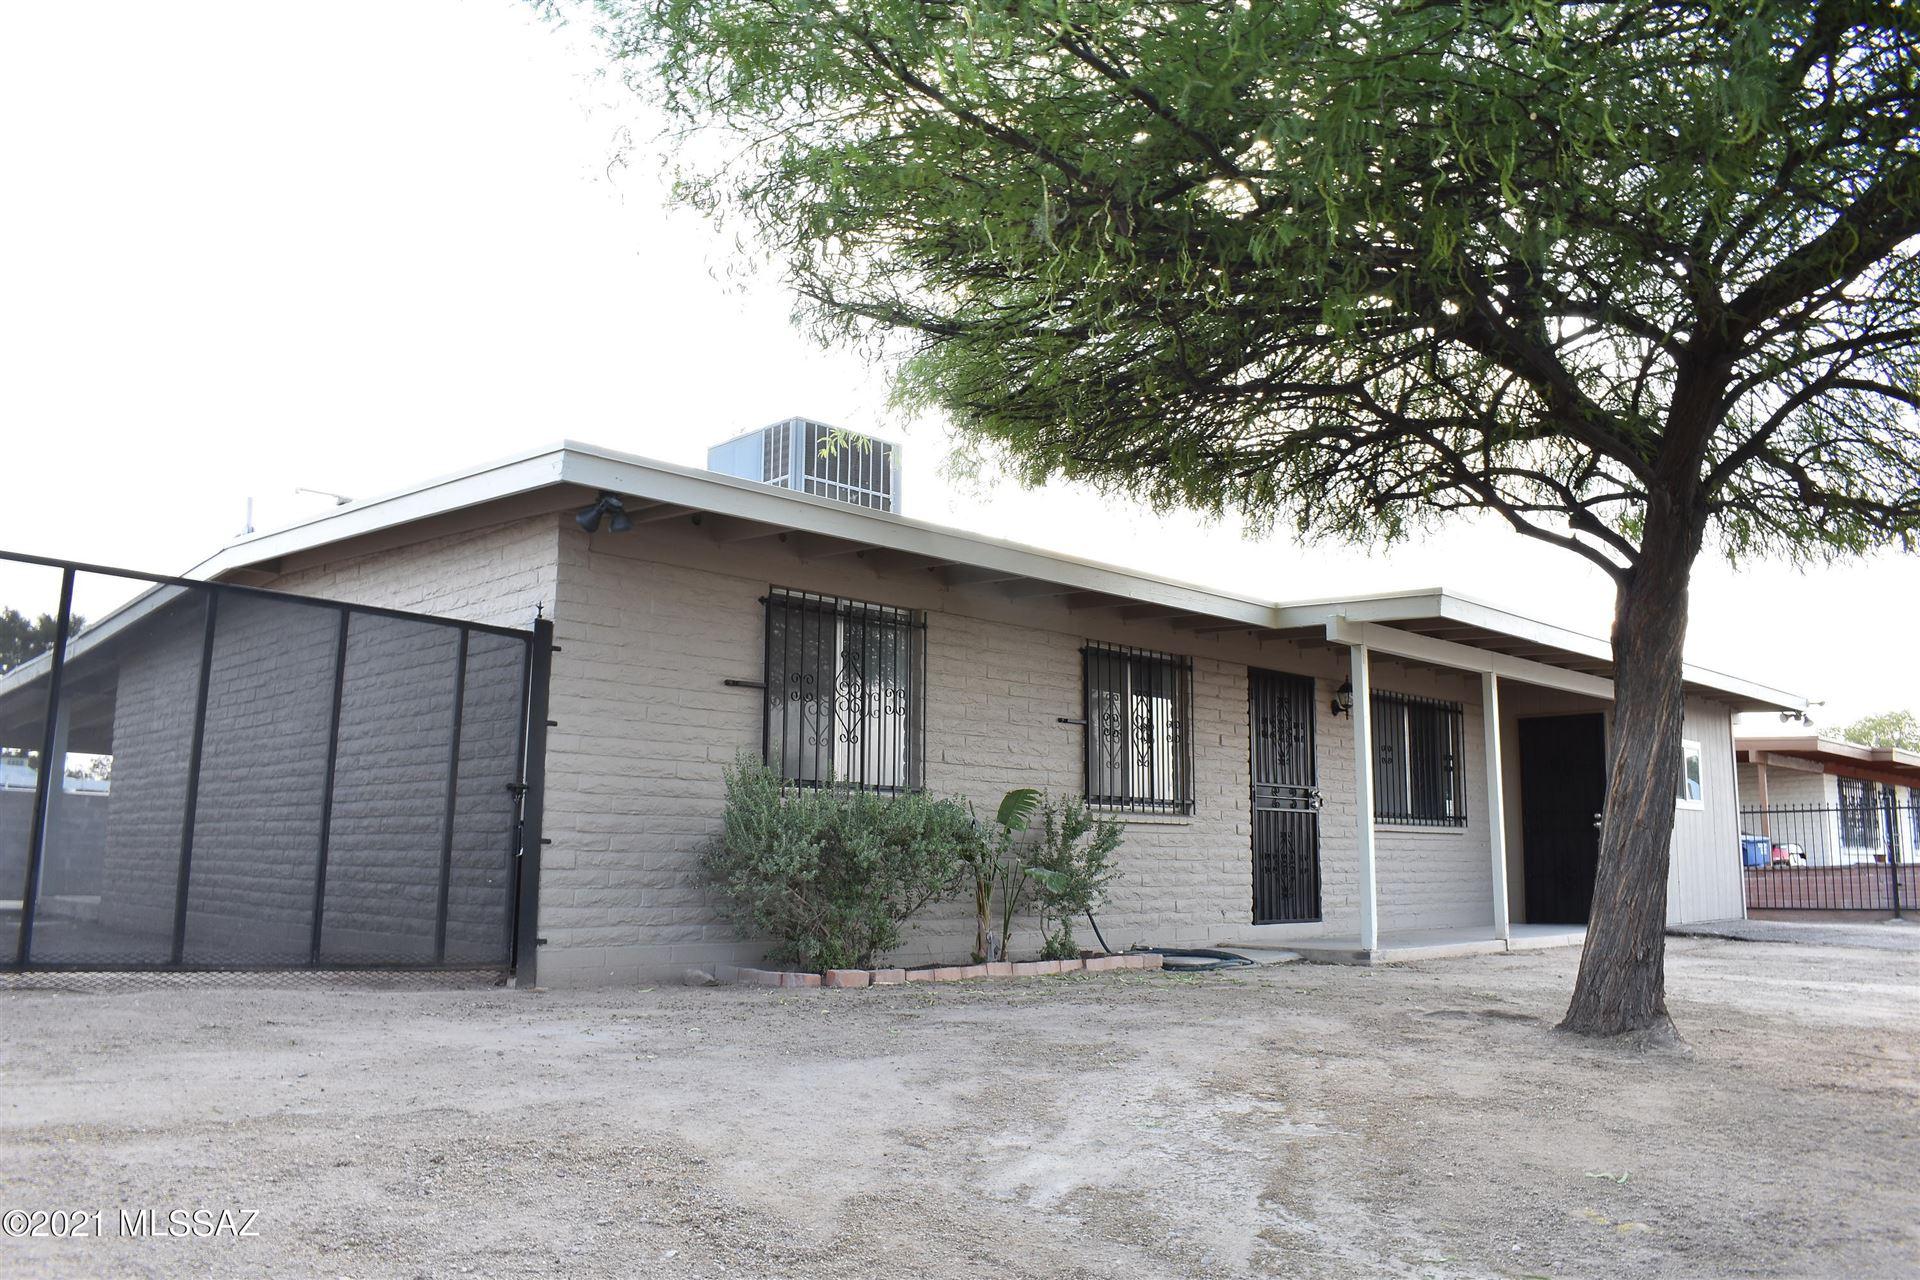 4774 S Camino Paso Doble, Tucson, AZ 85714 - MLS#: 22116249